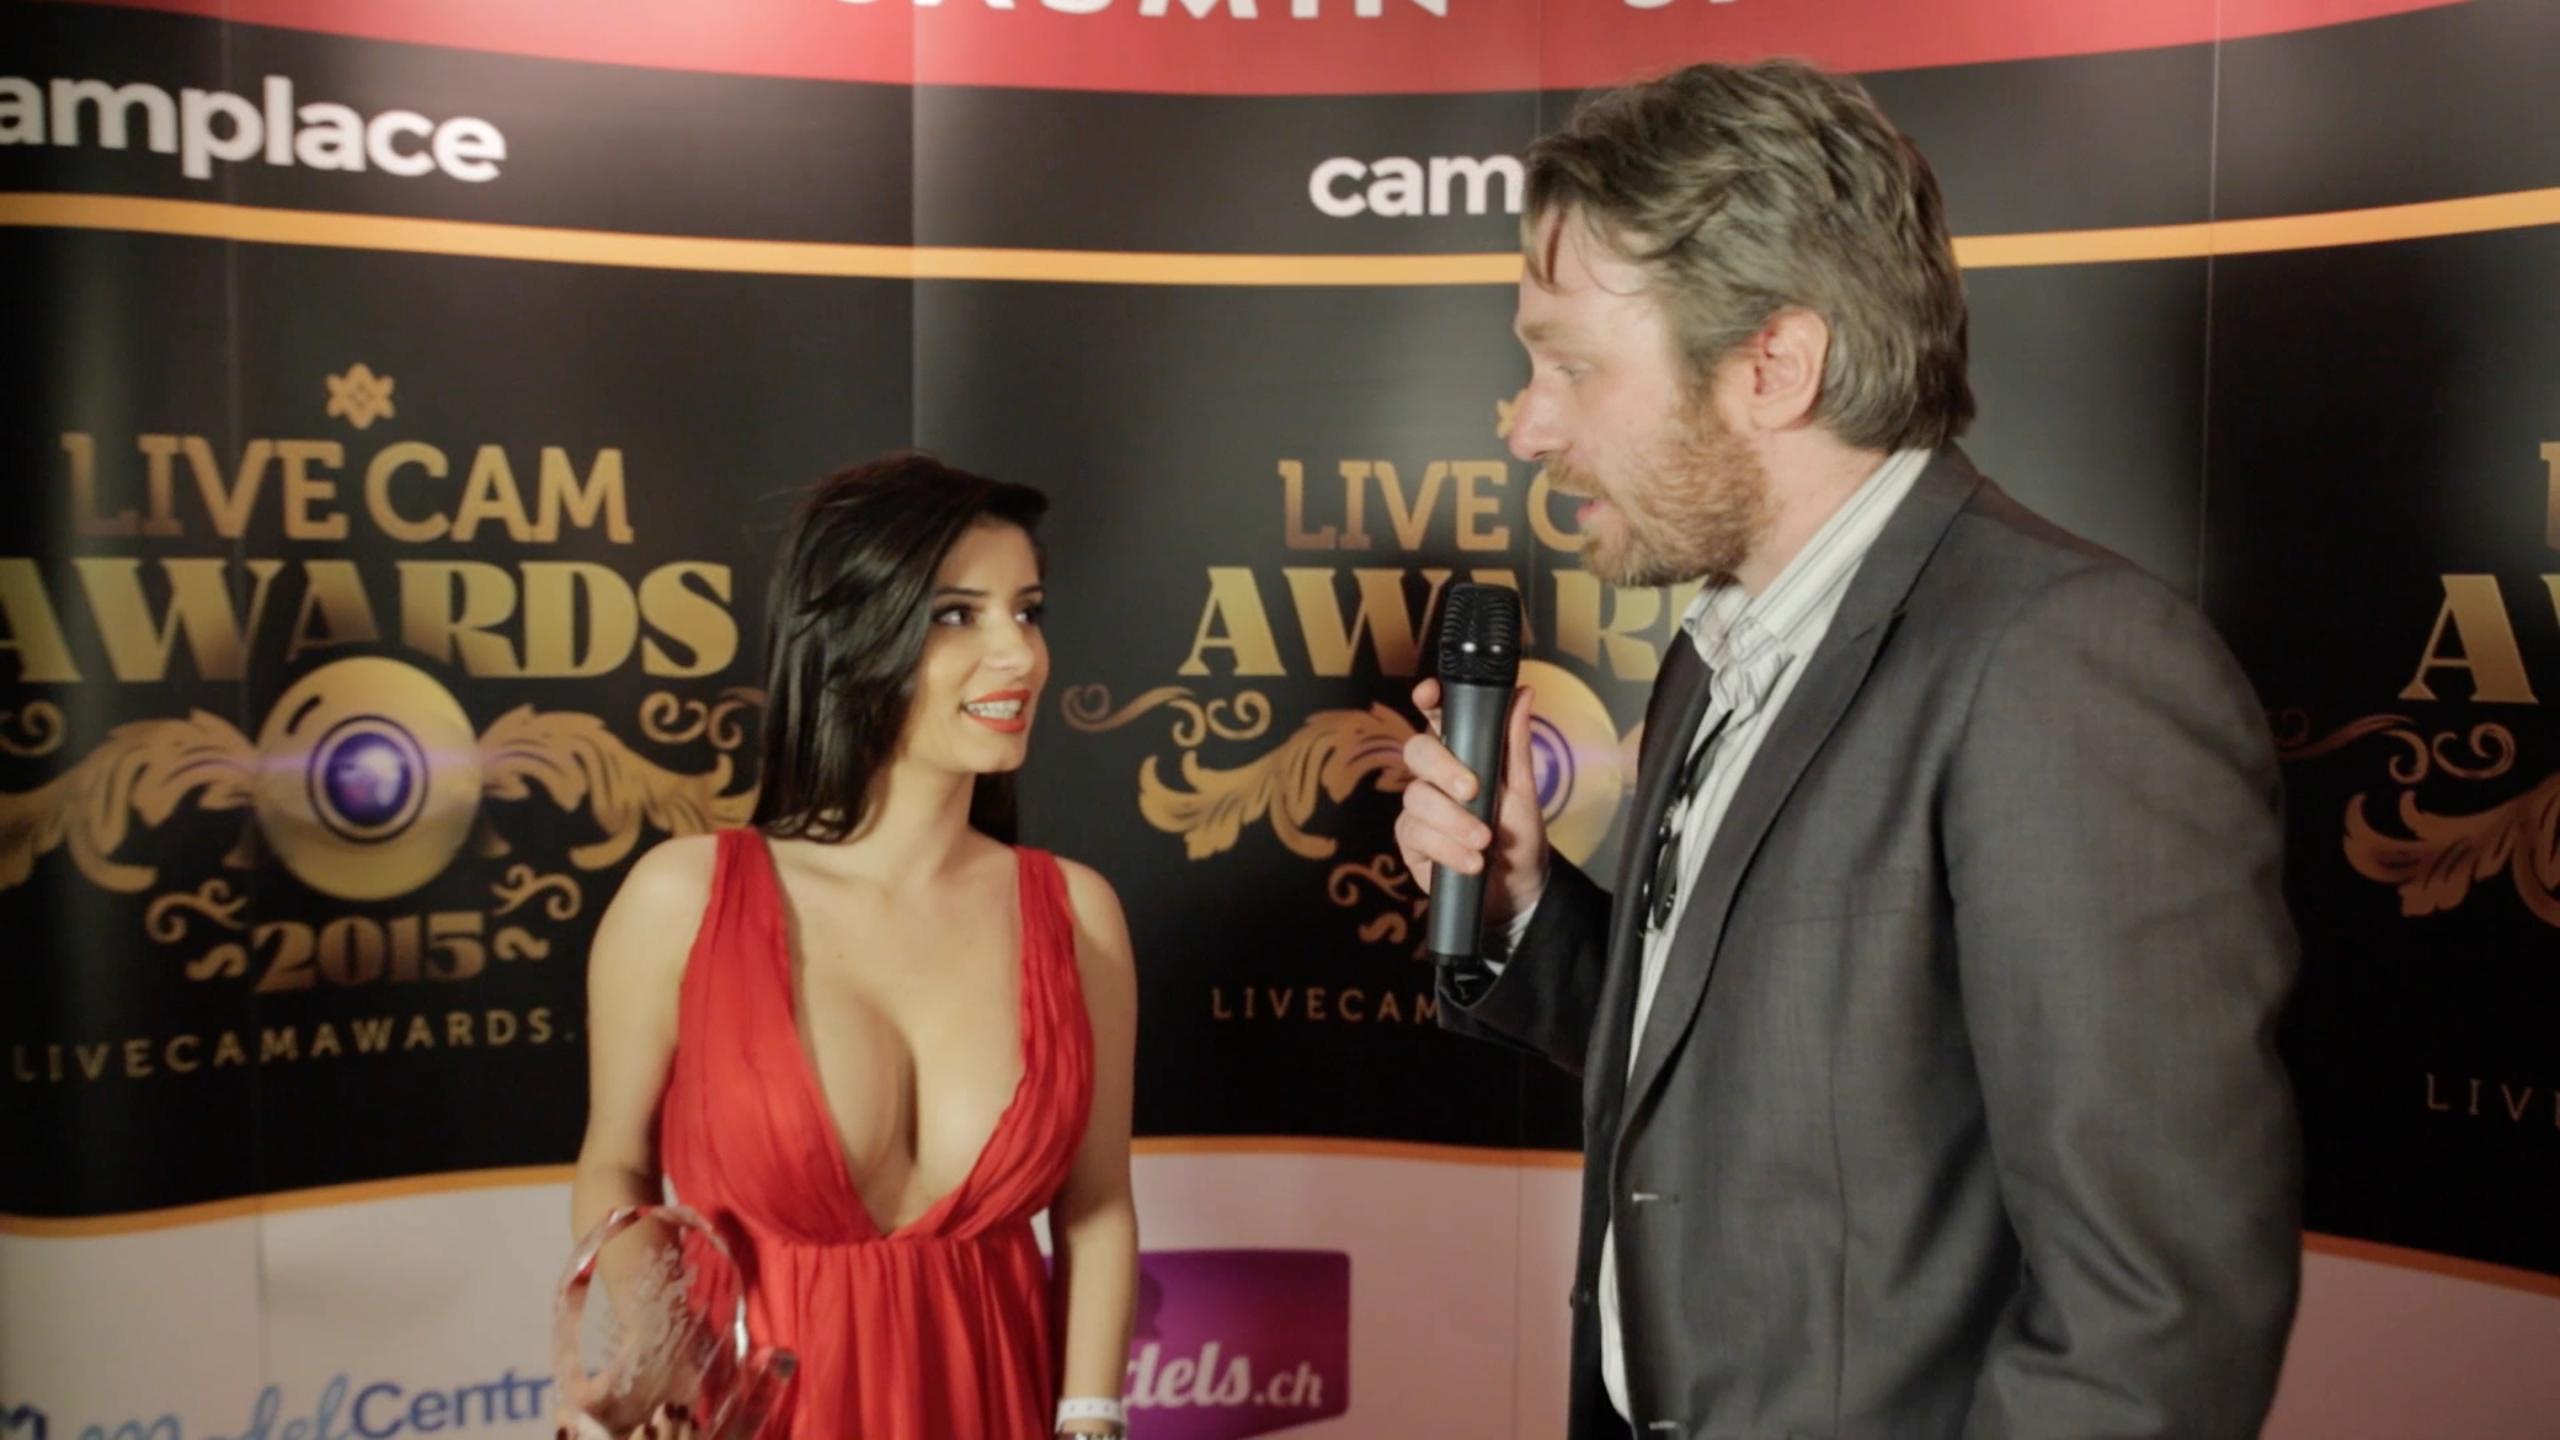 Video Pra Eventos: LIVE CAM ADWARDS